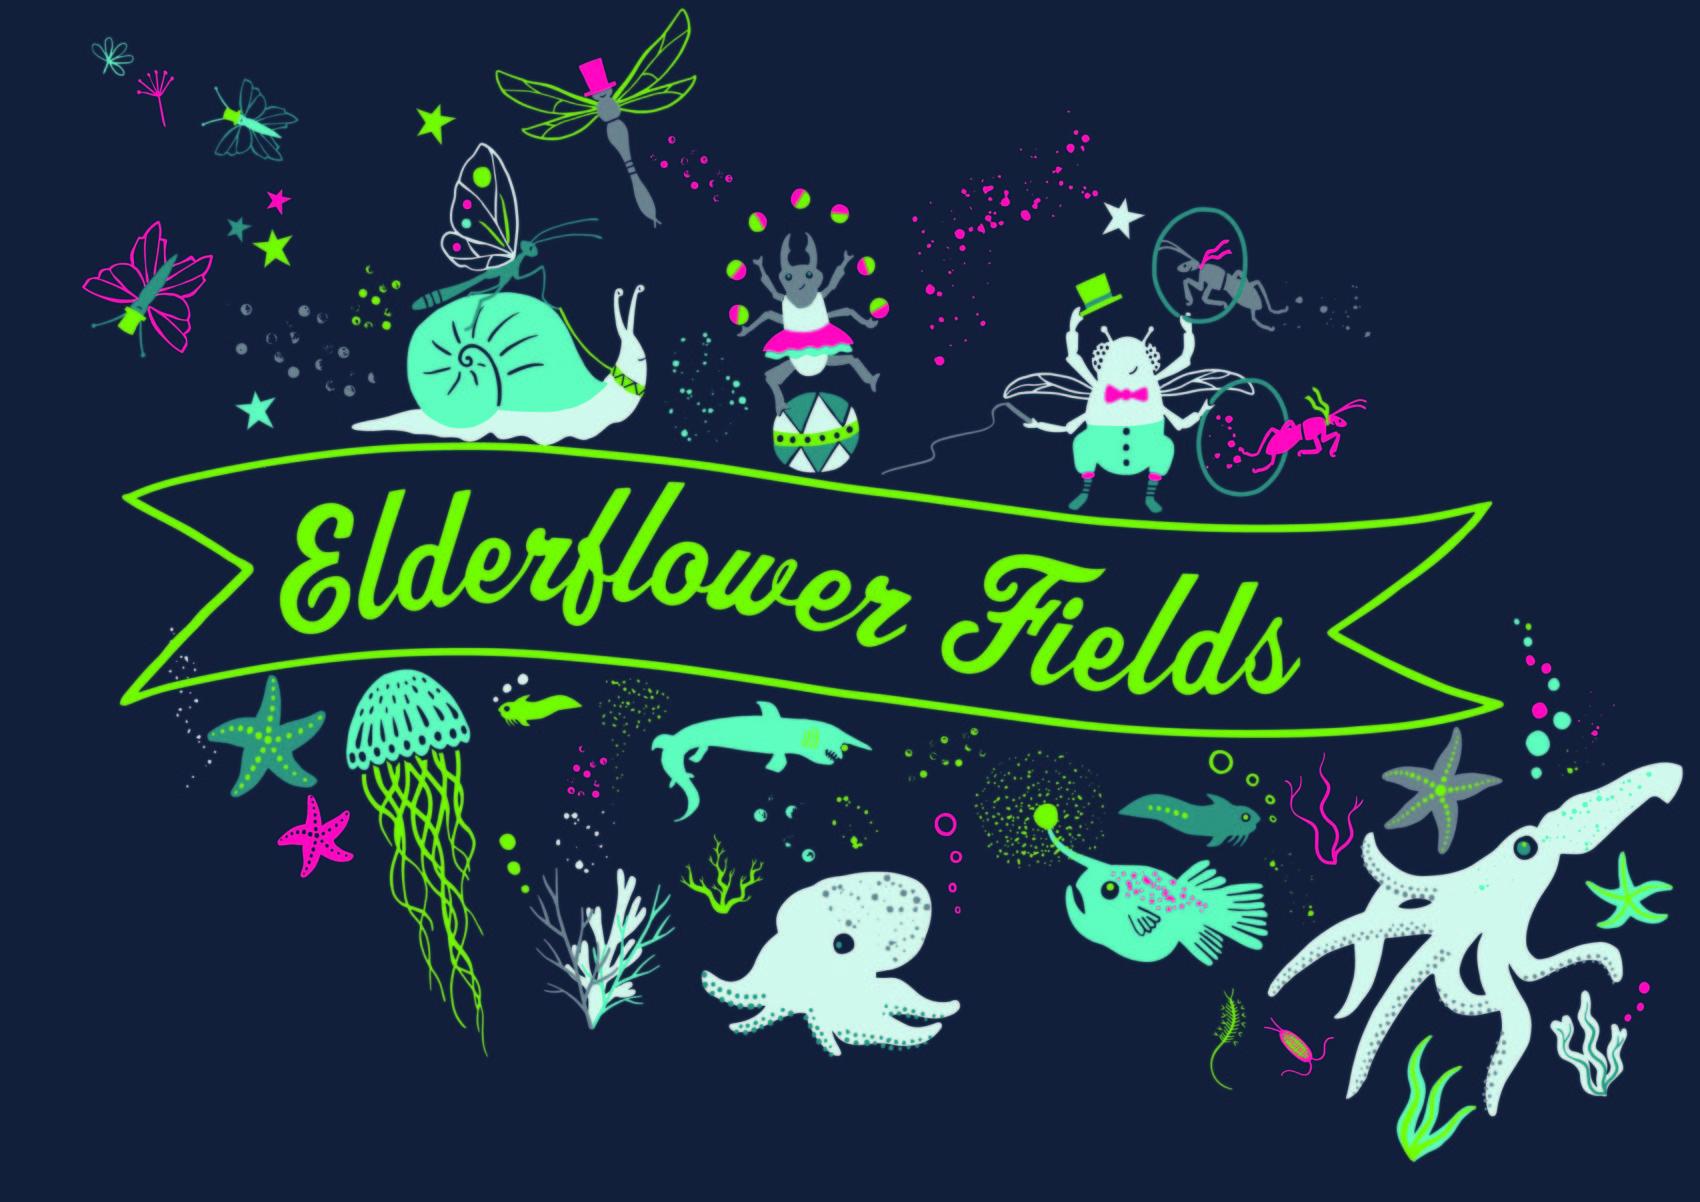 Elderflower T-shirt 2019